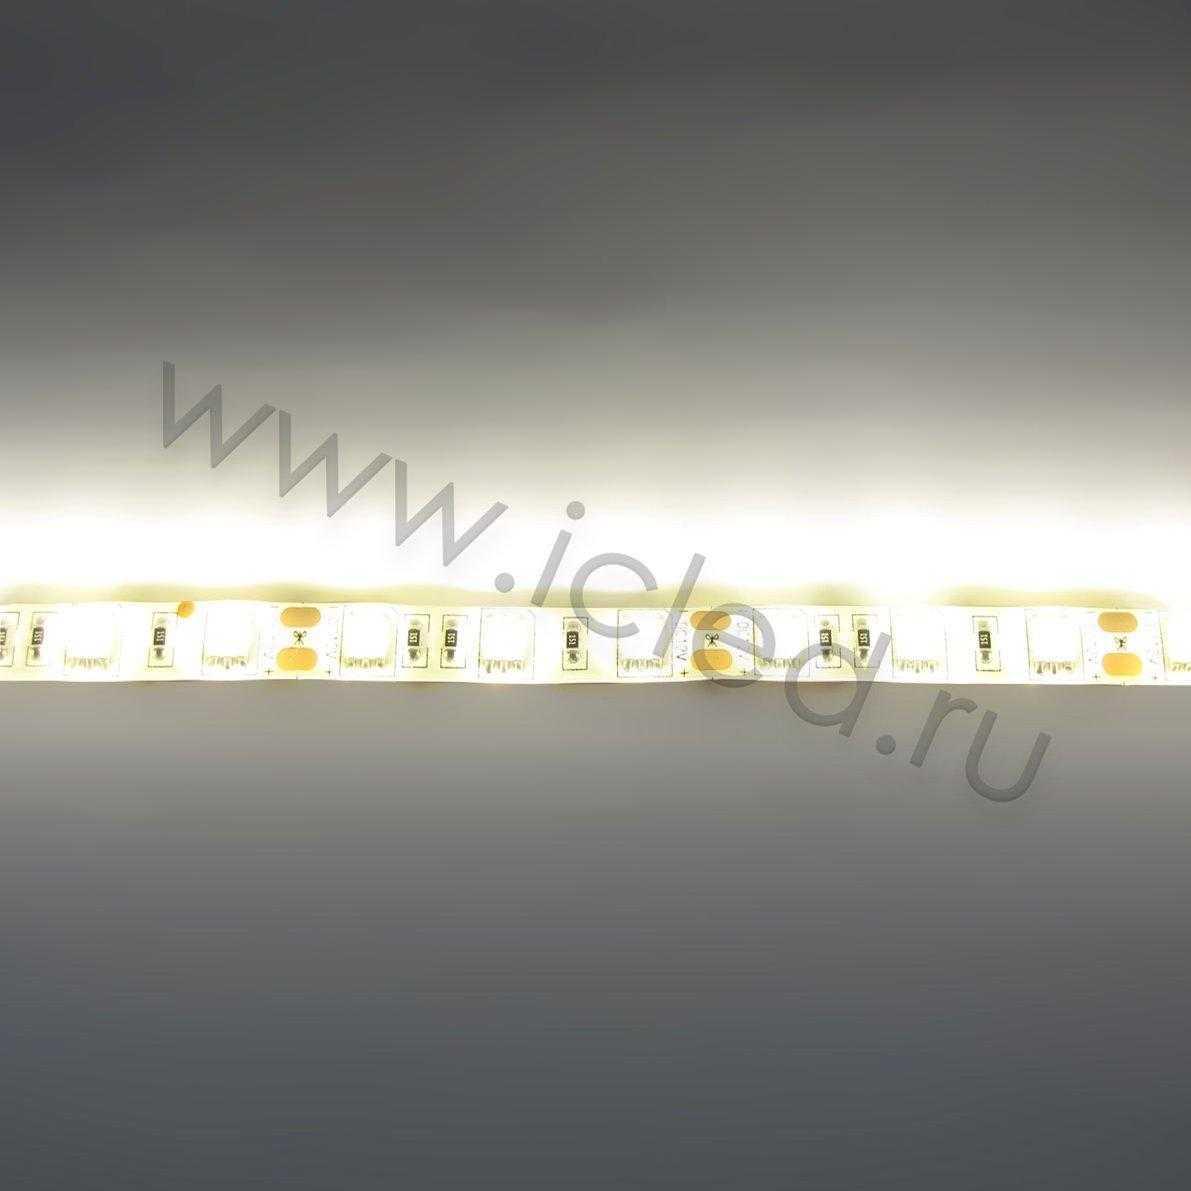 Светодиодная лента Econom class, 5050, 60led/m, Warm White, 12V, IP65